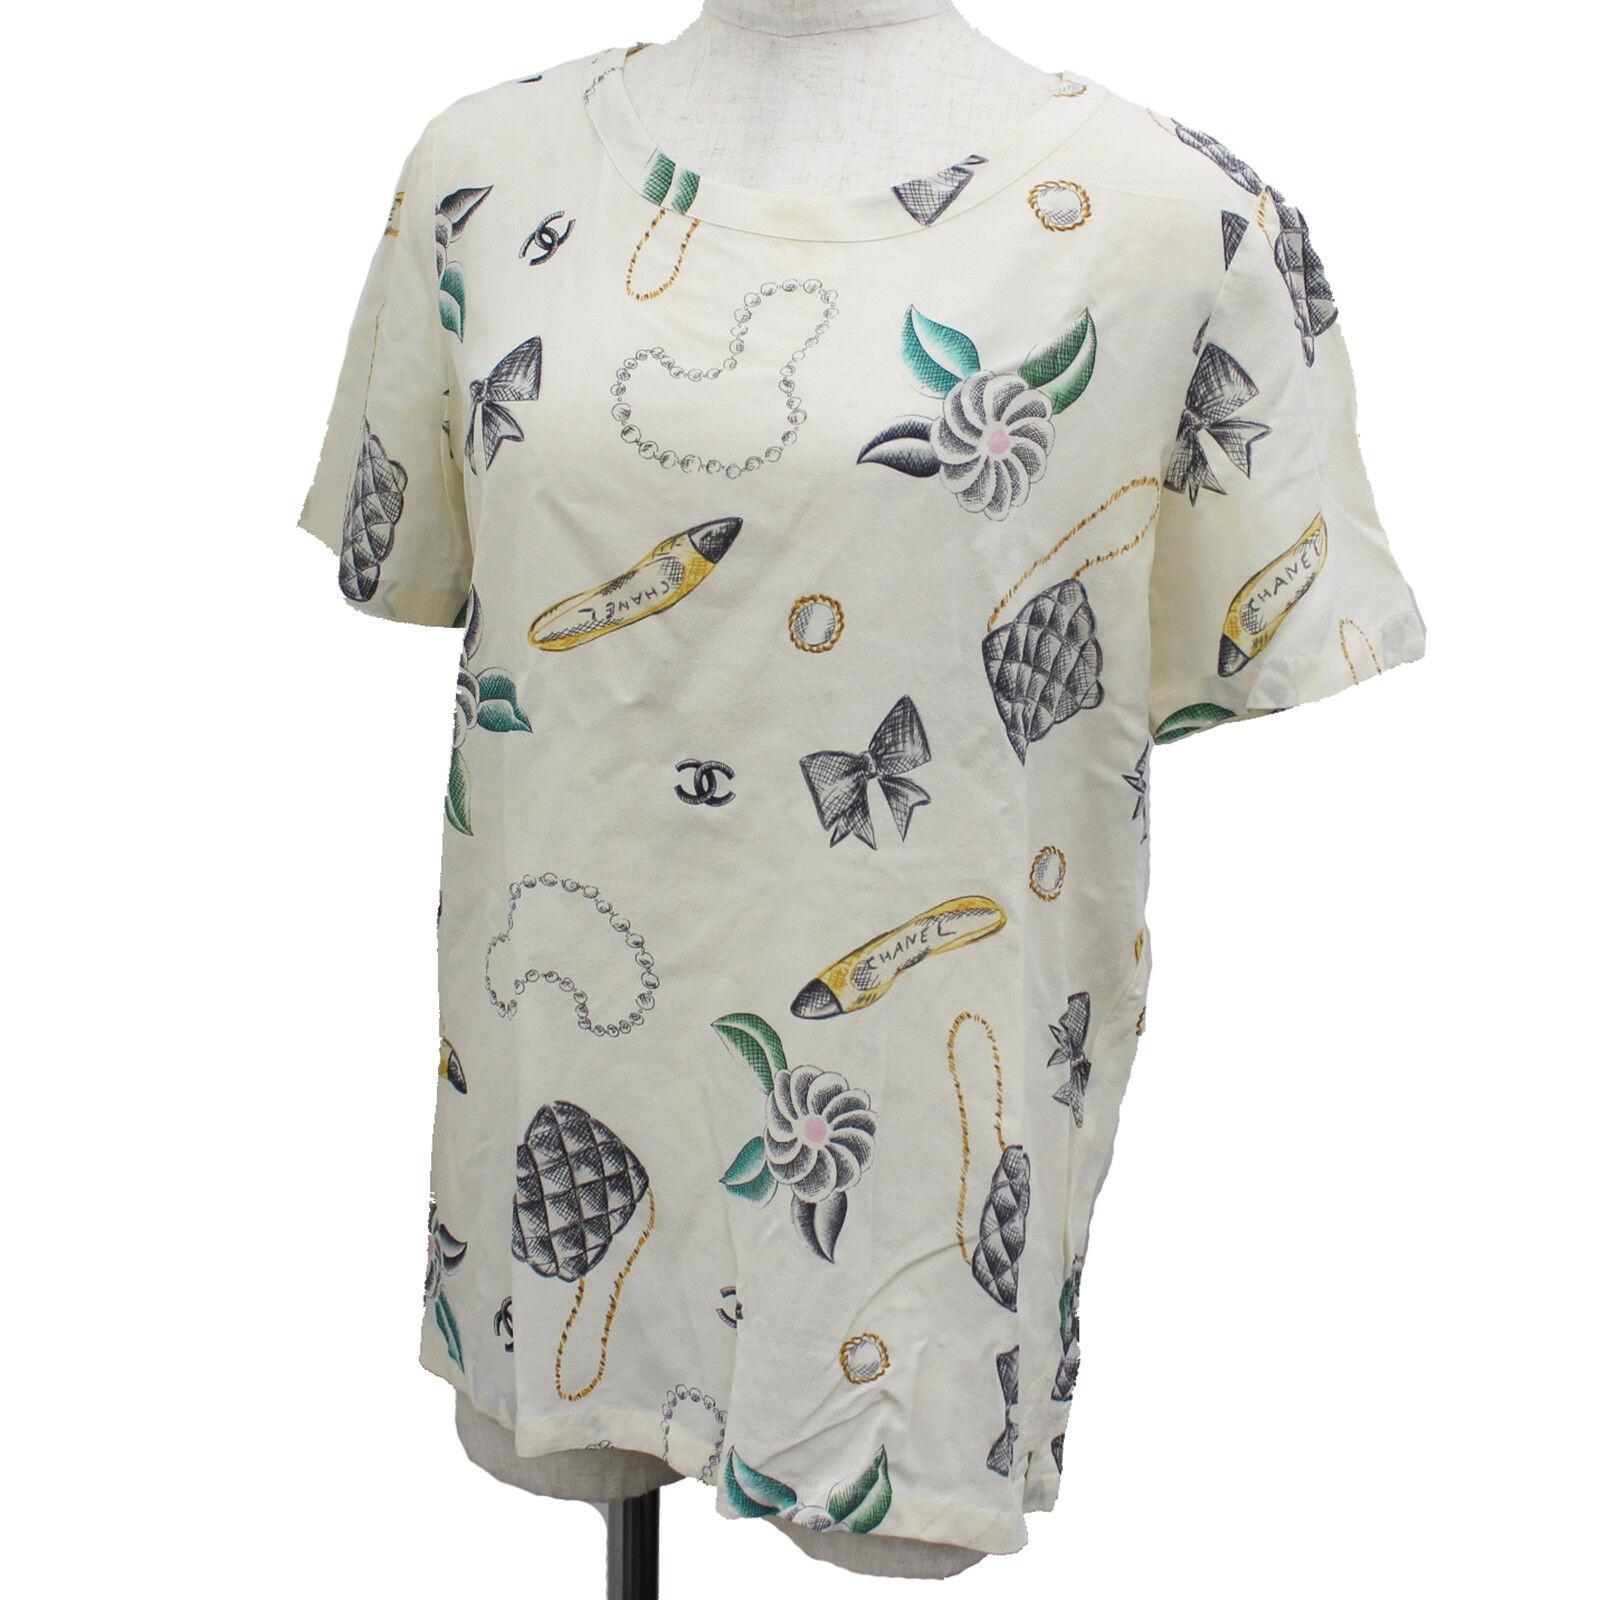 Chanel Boutique Bluse T-Shirt über Weiß 100% Seide Vintage France Auth #M609 M